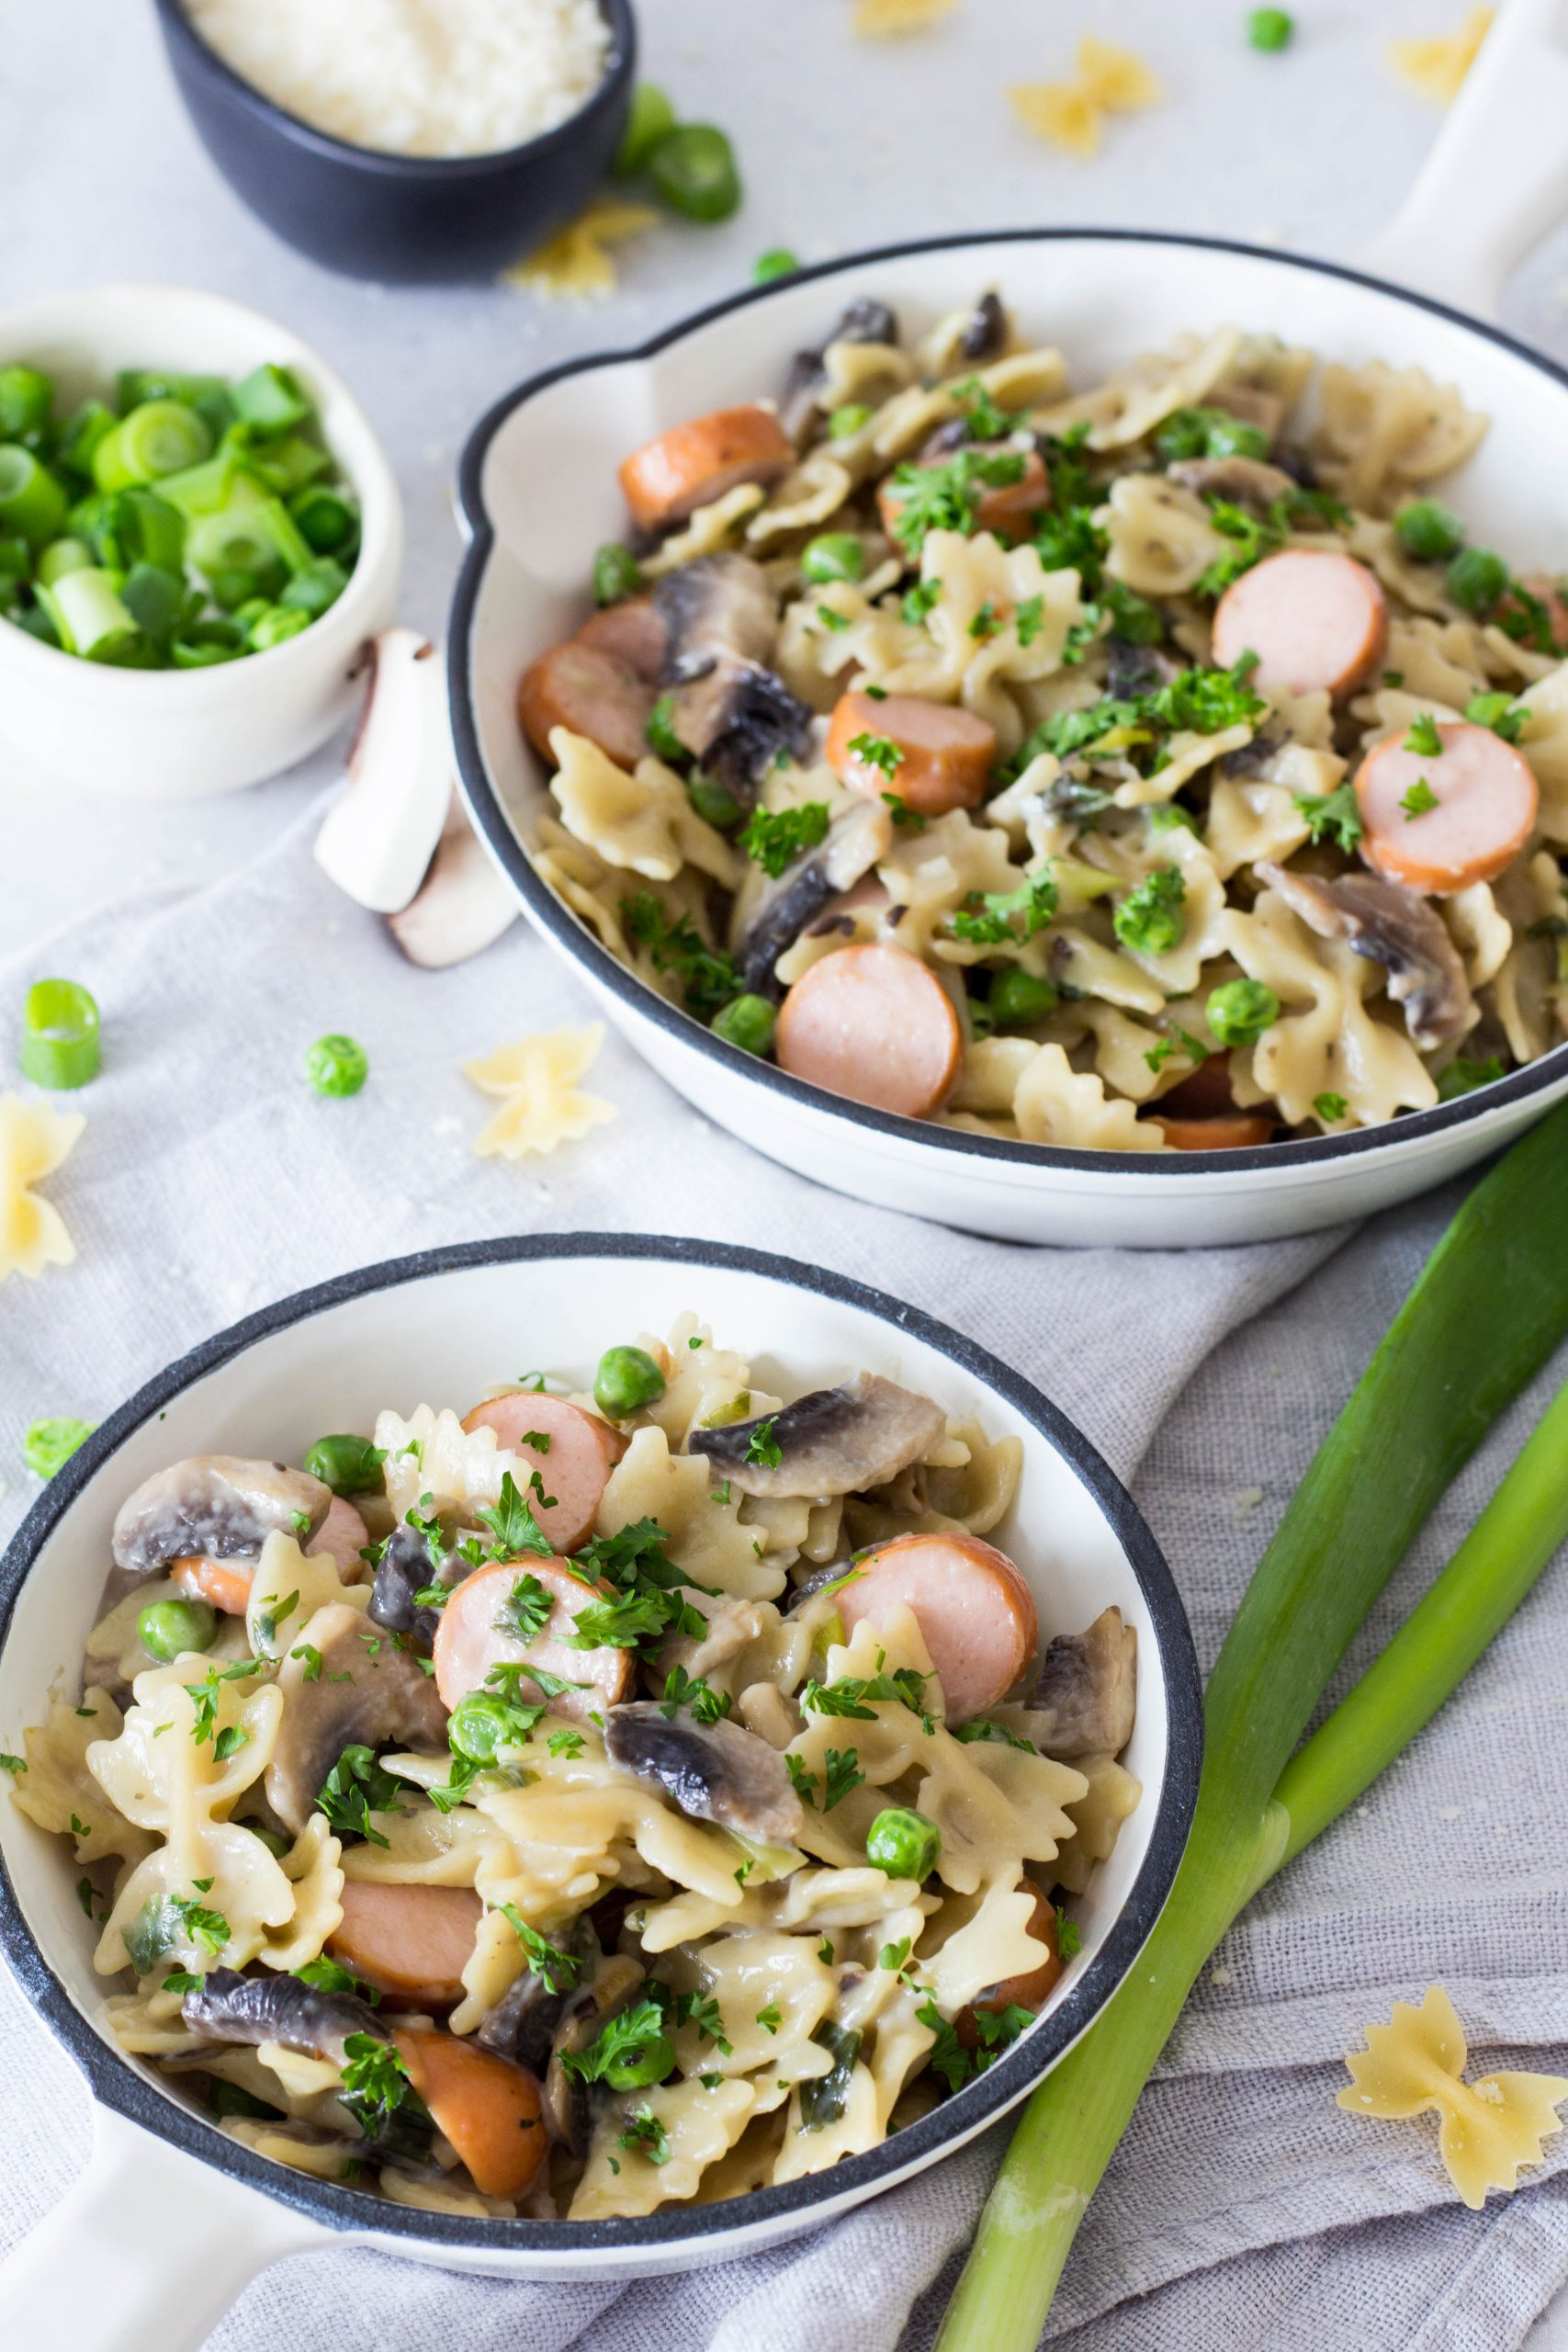 Cremige One-Pot Pasta mit gesunden Zutaten - Erbsen, Champignons und Würstchen. Perfektes Gericht für Kinder. Lieblingszwei.de